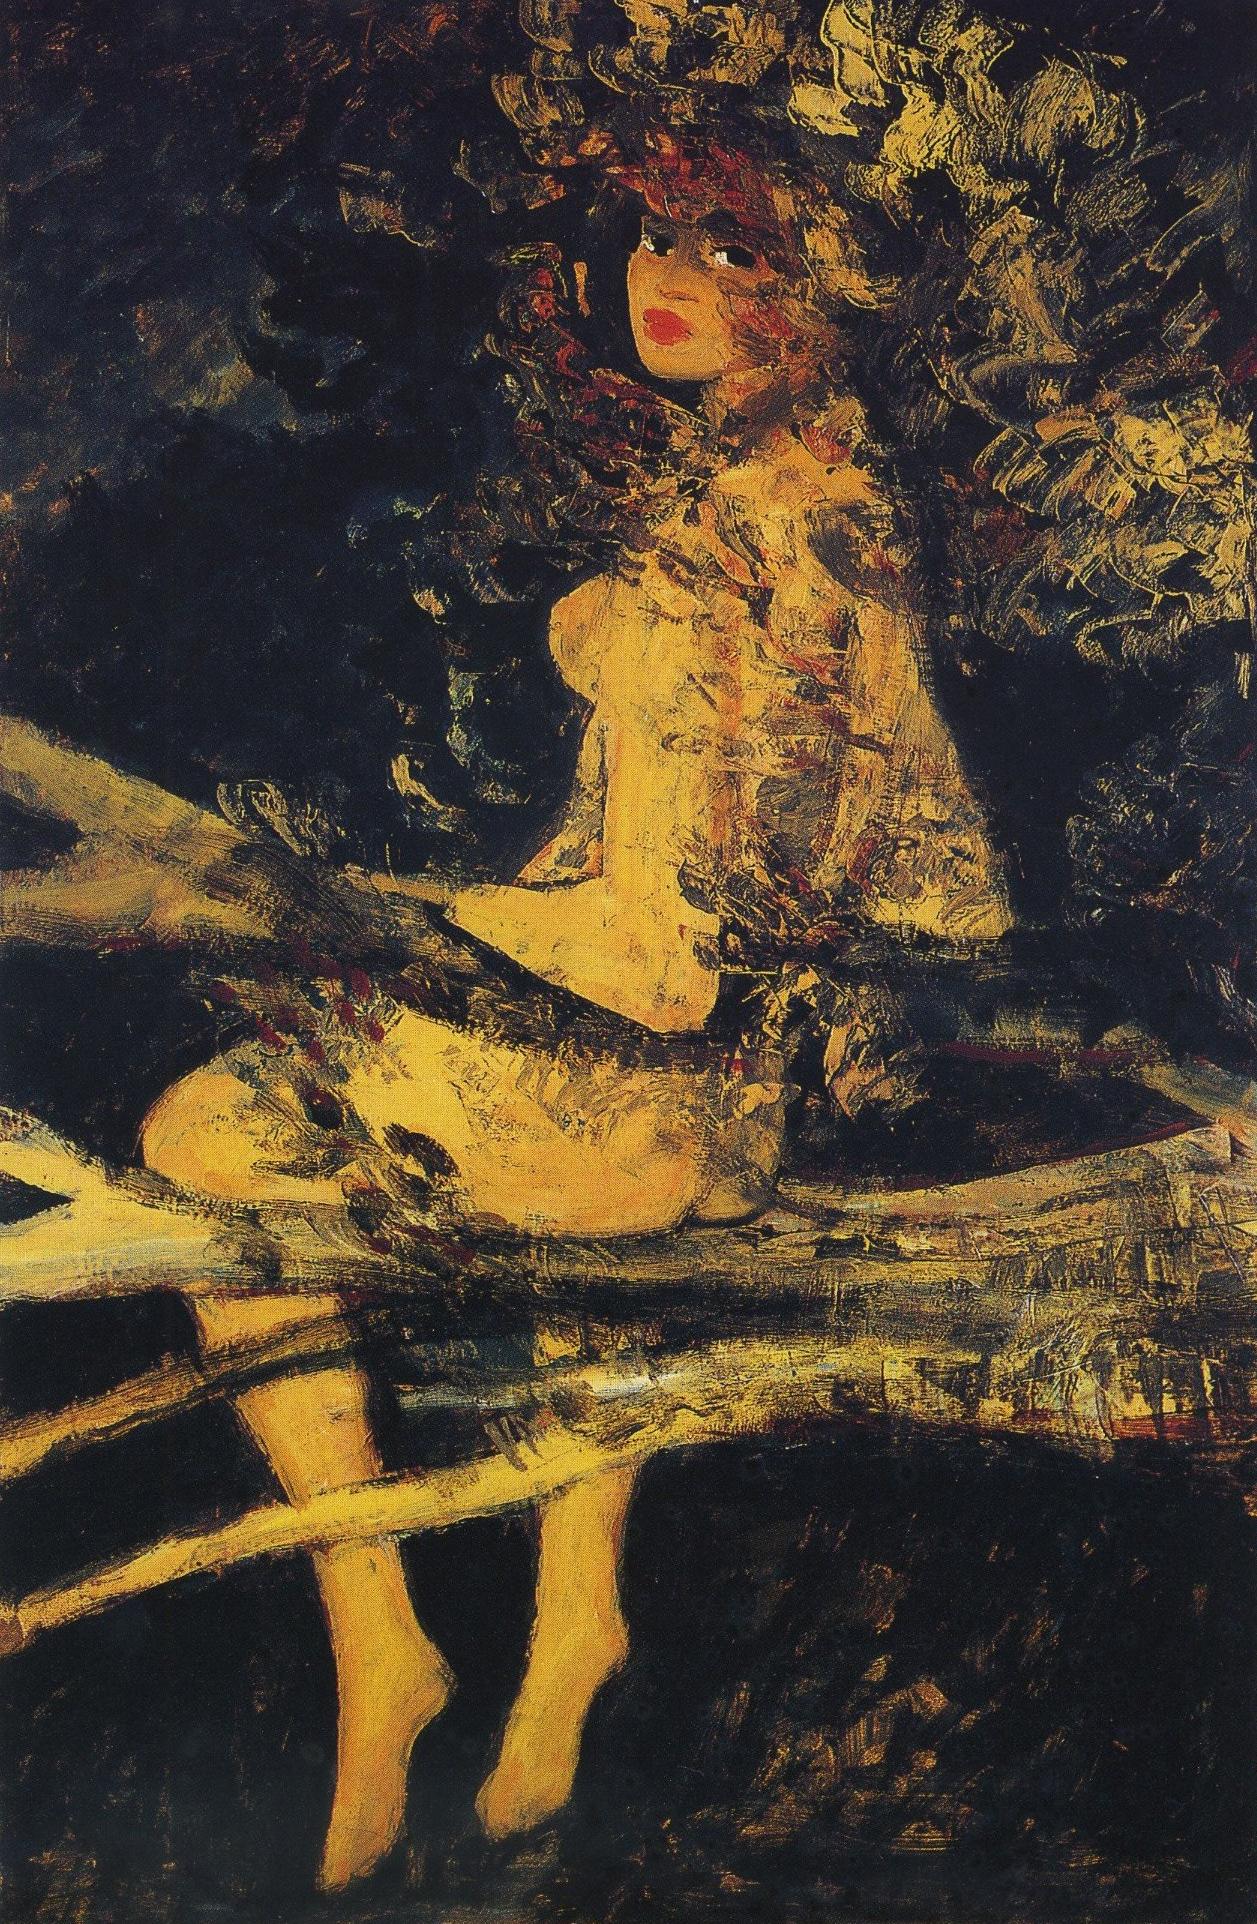 Salvatore Fiume - Il nascondiglio di Venere